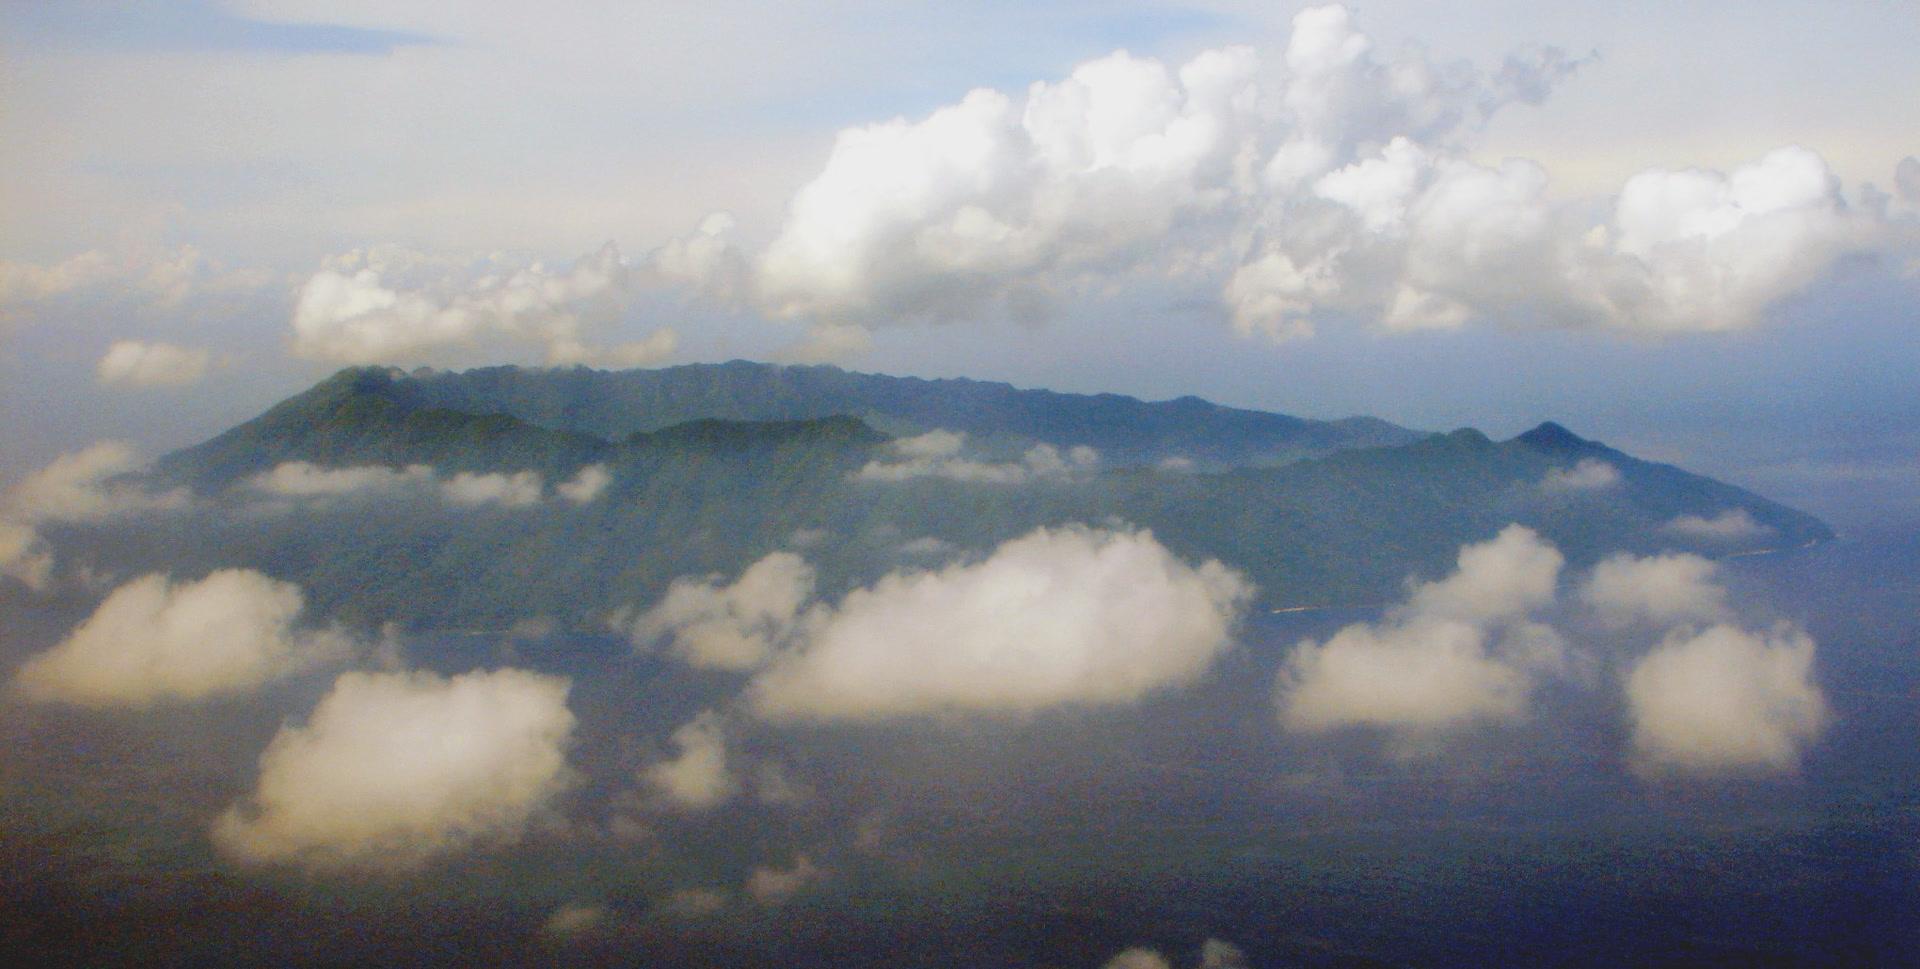 Ureparapara, île volcanique du nord du Vanuatu, héberge deux langues : le lehali sur la côte ouest ; le löyöp à l'est, dans la baie formée par l'ancienne caldeira du volcan. (photo AF, 2006)